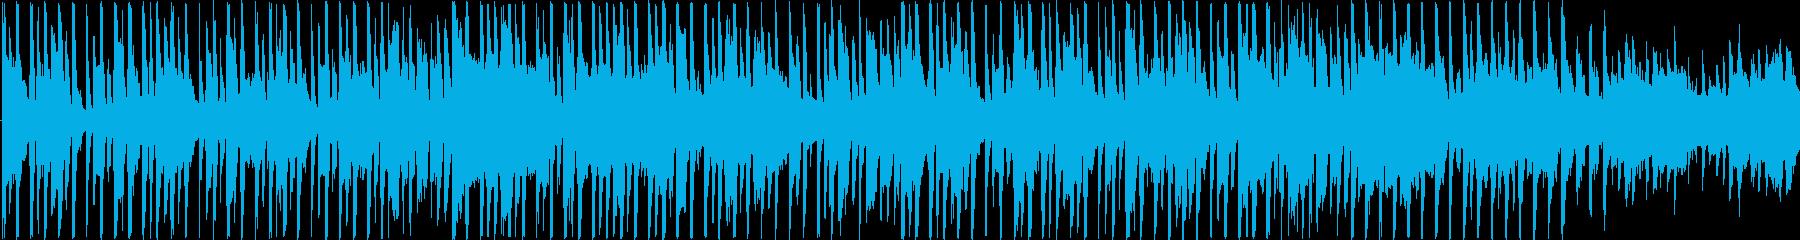 おしゃれな女性ボーカル 洋楽(ループA)の再生済みの波形